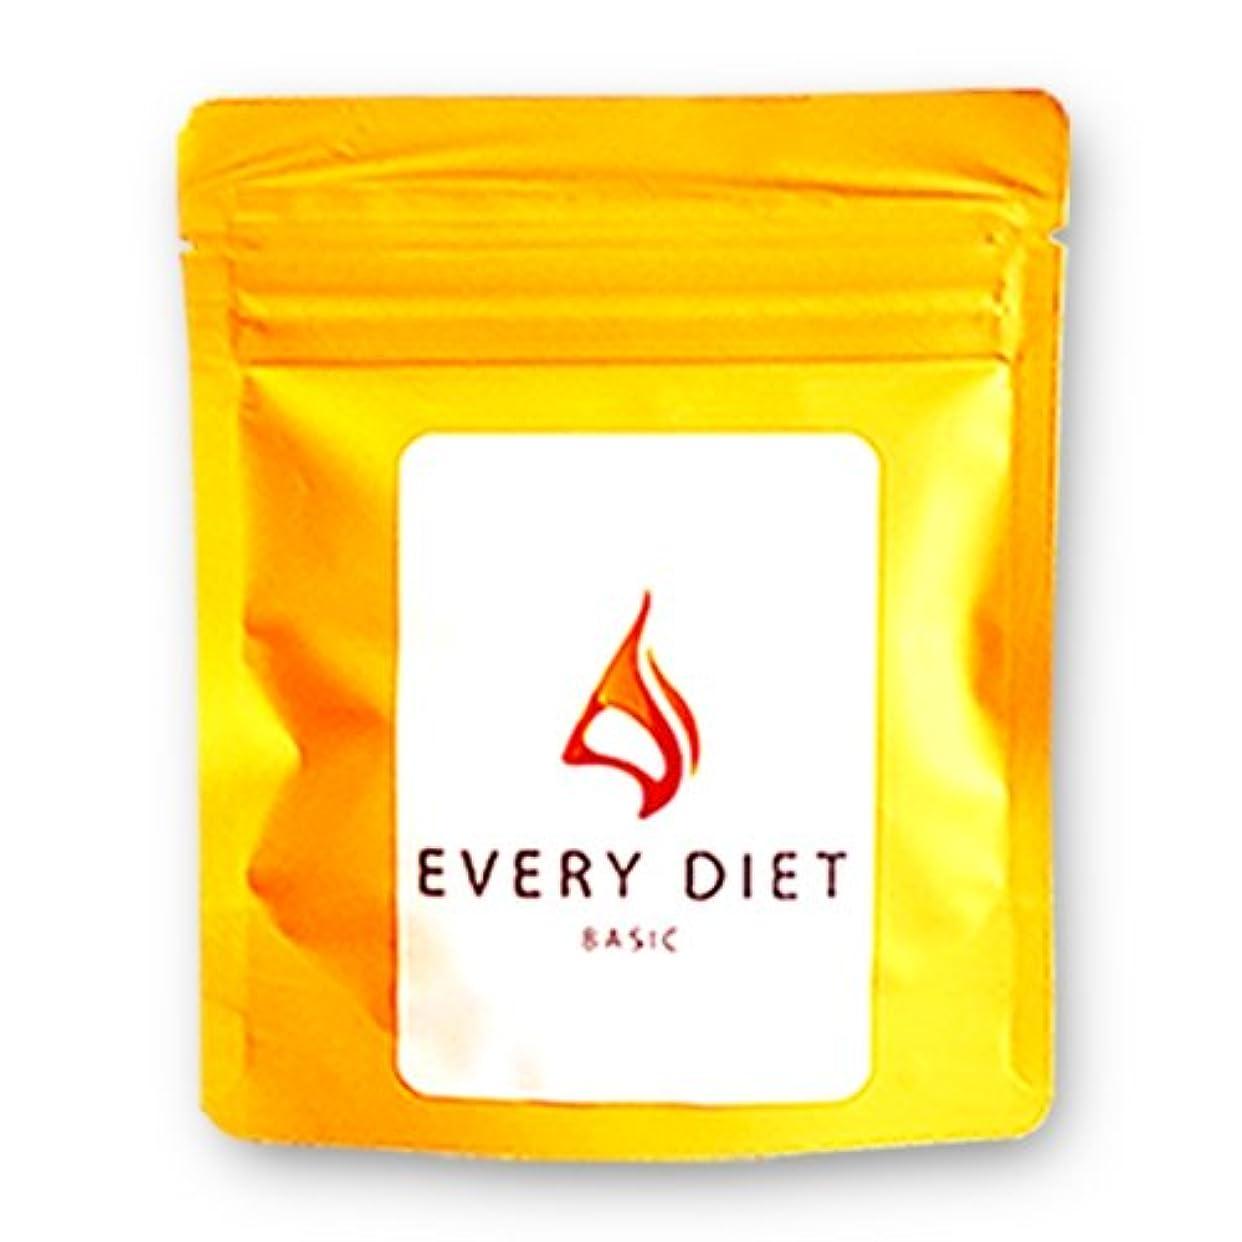 配偶者とげのある拮抗するエブリダイエット ベーシック (Every Diet Basic)